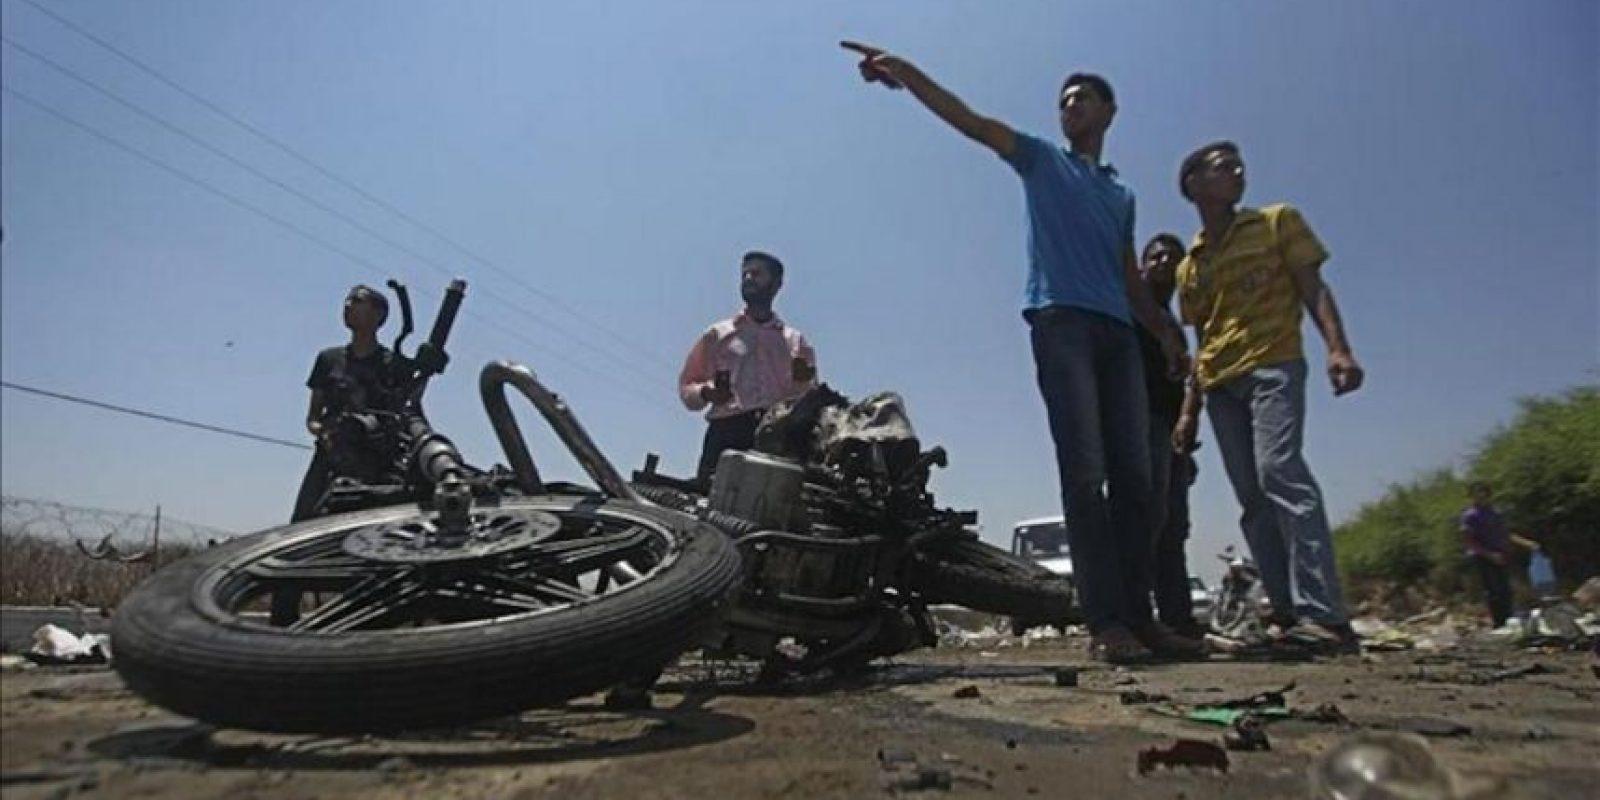 Varios palestinos junto una motocicleta destrozada tras un ataque aéreo del Ejército israelí en la localidad de Beit Hanún, en el norte de Gaza. EFE